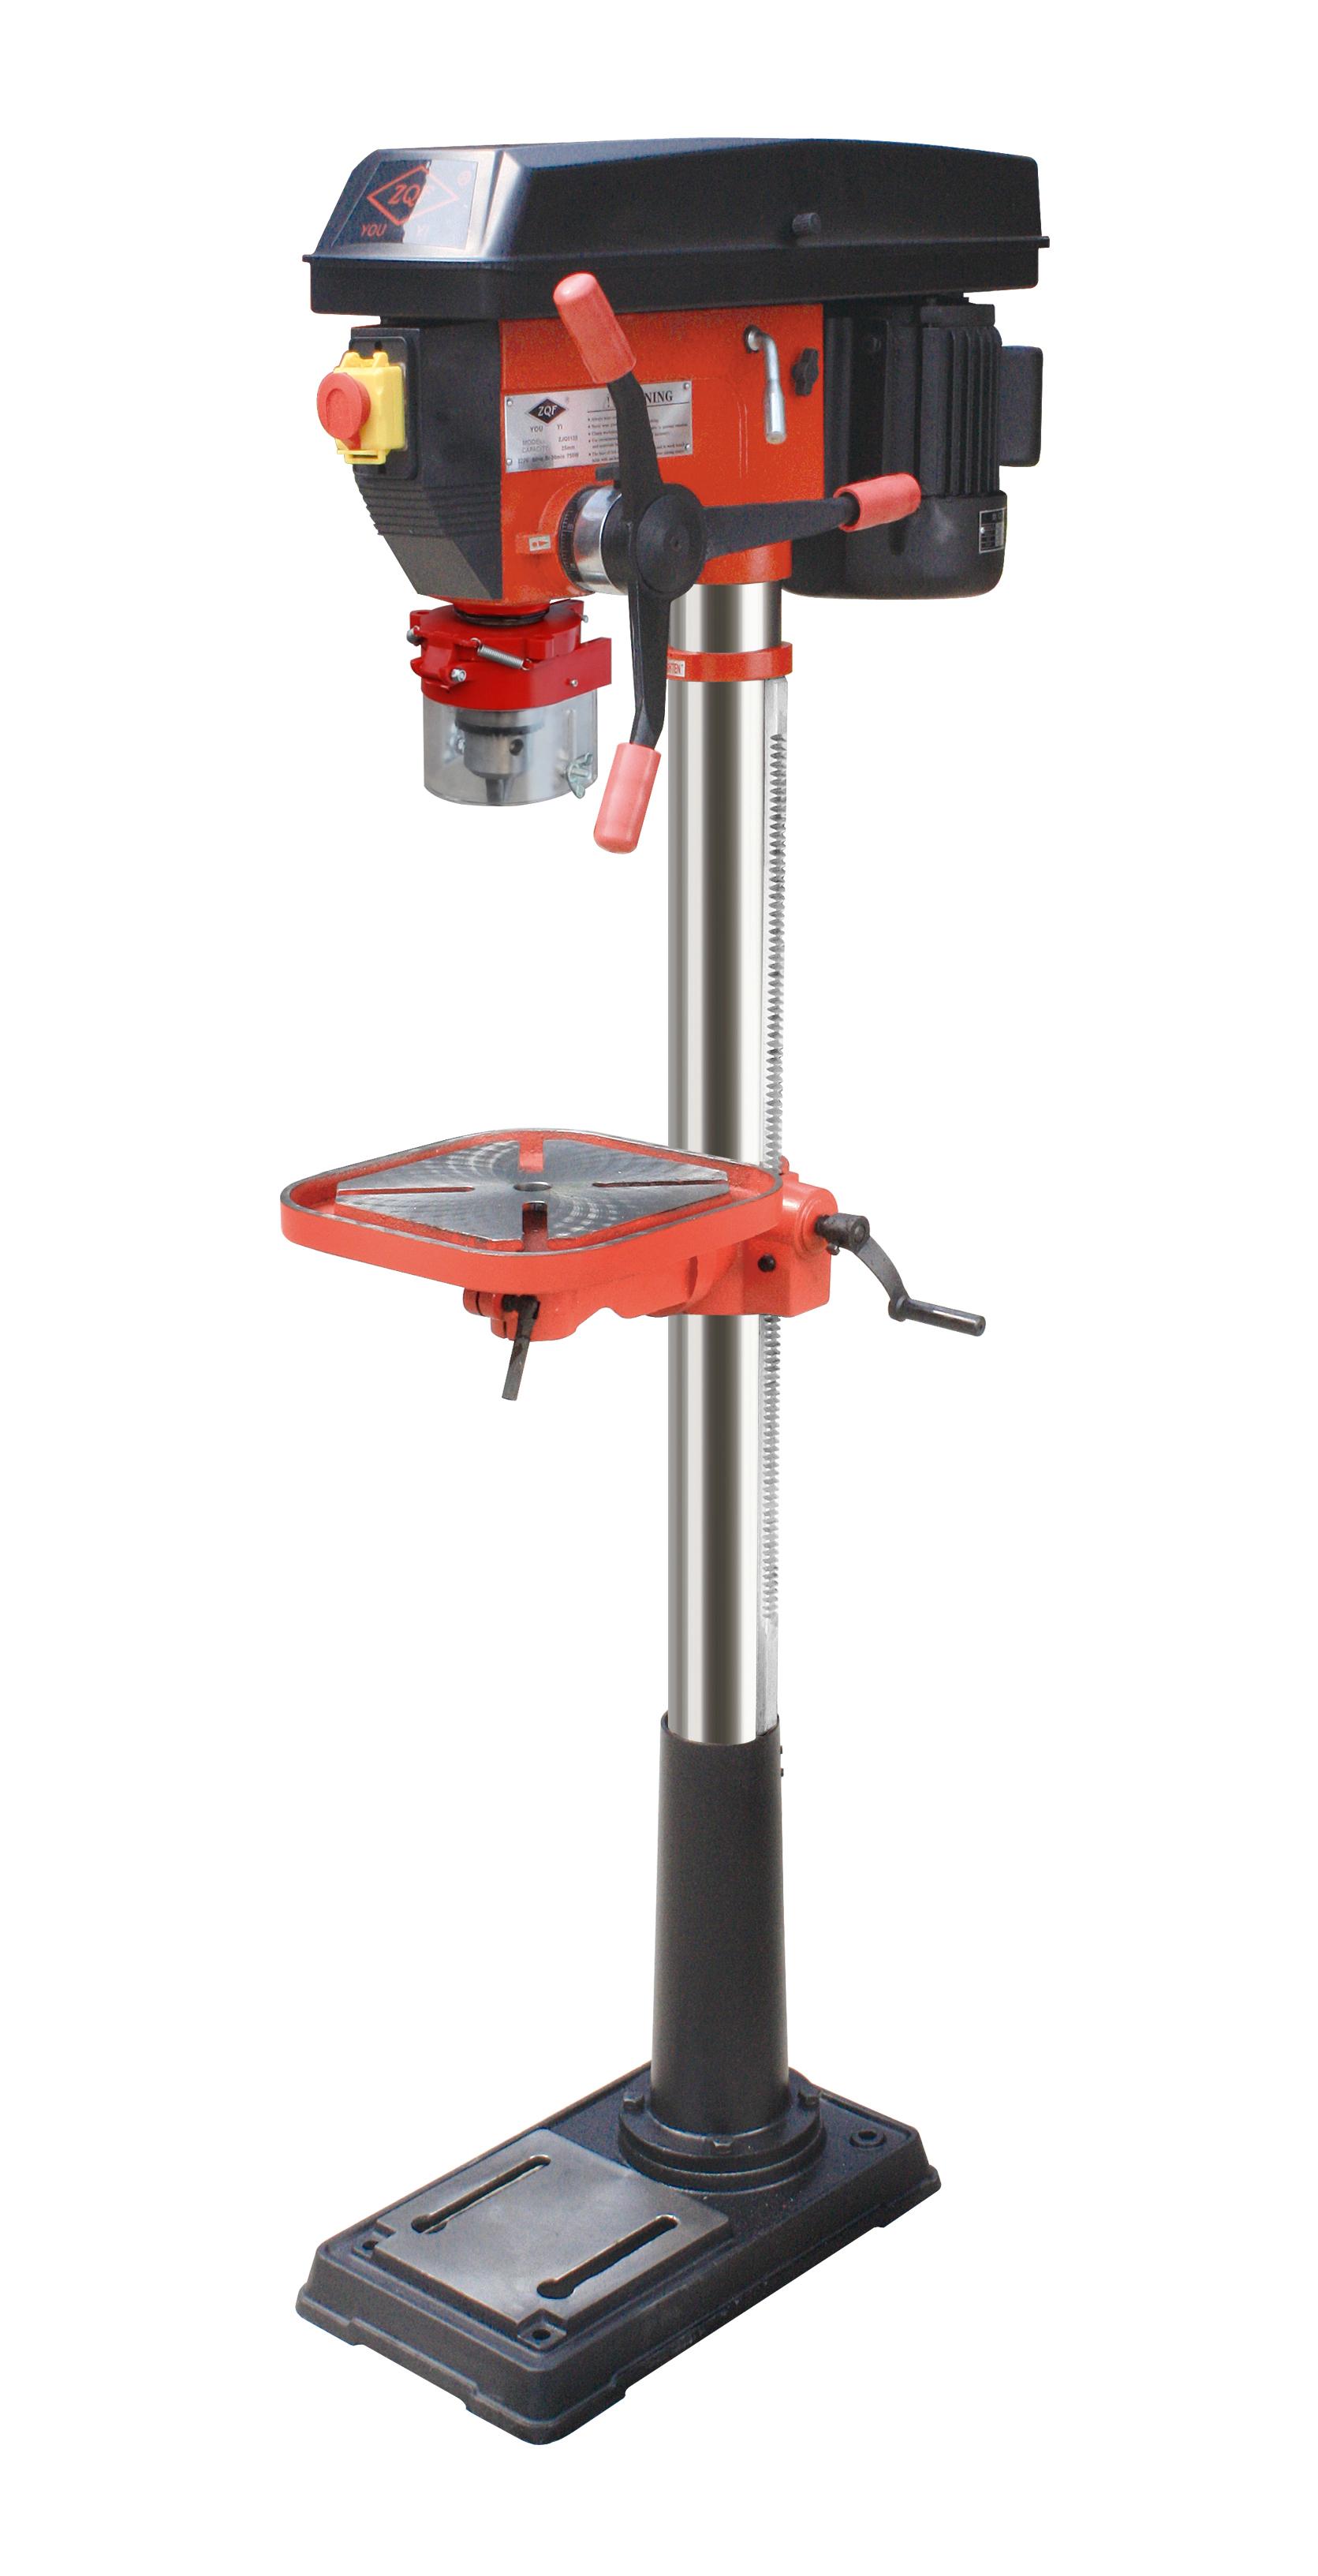 perceuse colonne d 39 tabli 750w 28 mm perceuse colonne machines d 39 atelier machines et